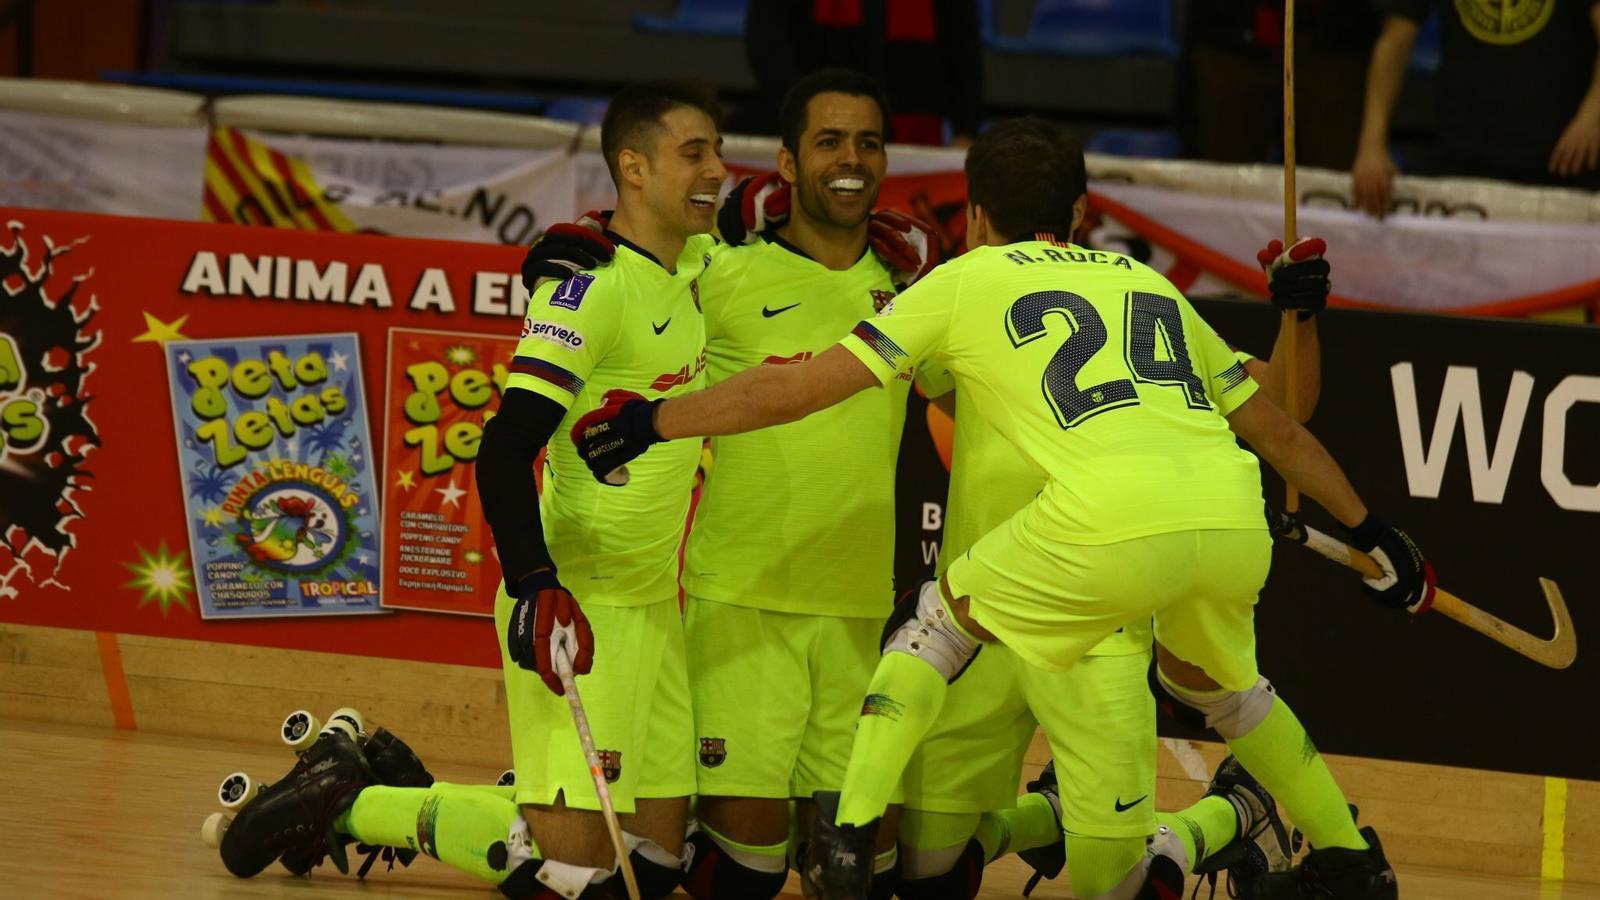 El Barça Lassa tanca els quarts de final de la Copa superant un combatiu Noia Freixenet (4-2)